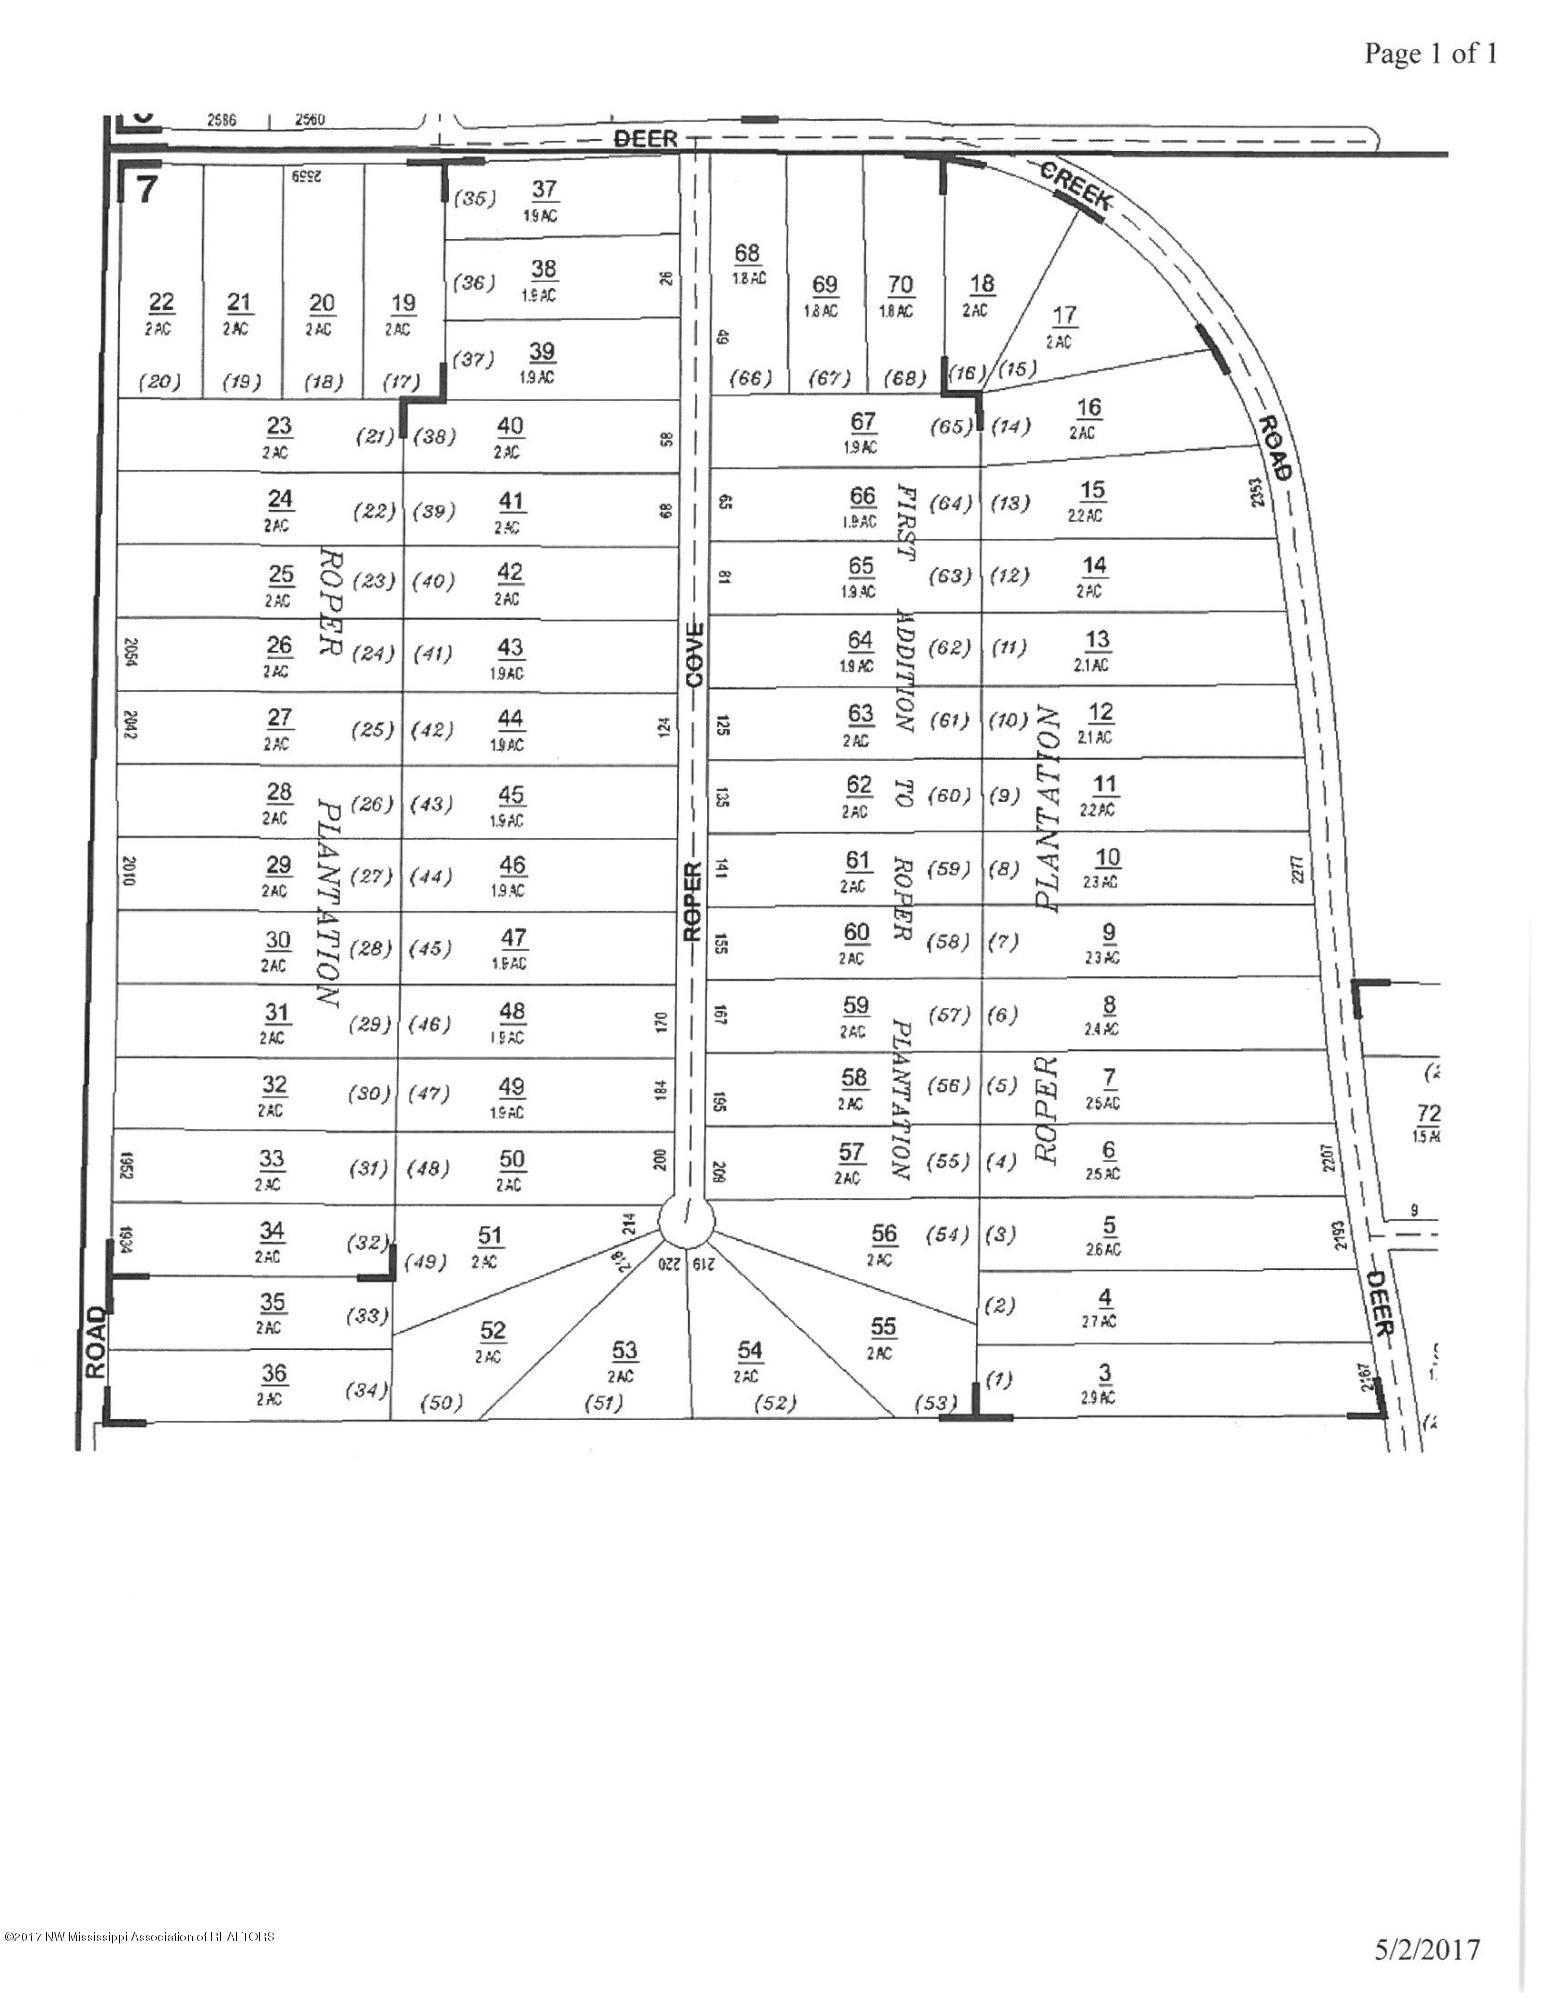 17 Deer Creek Road, Marshall, Mississippi 38611, ,Land,For Sale,Deer Creek,328952